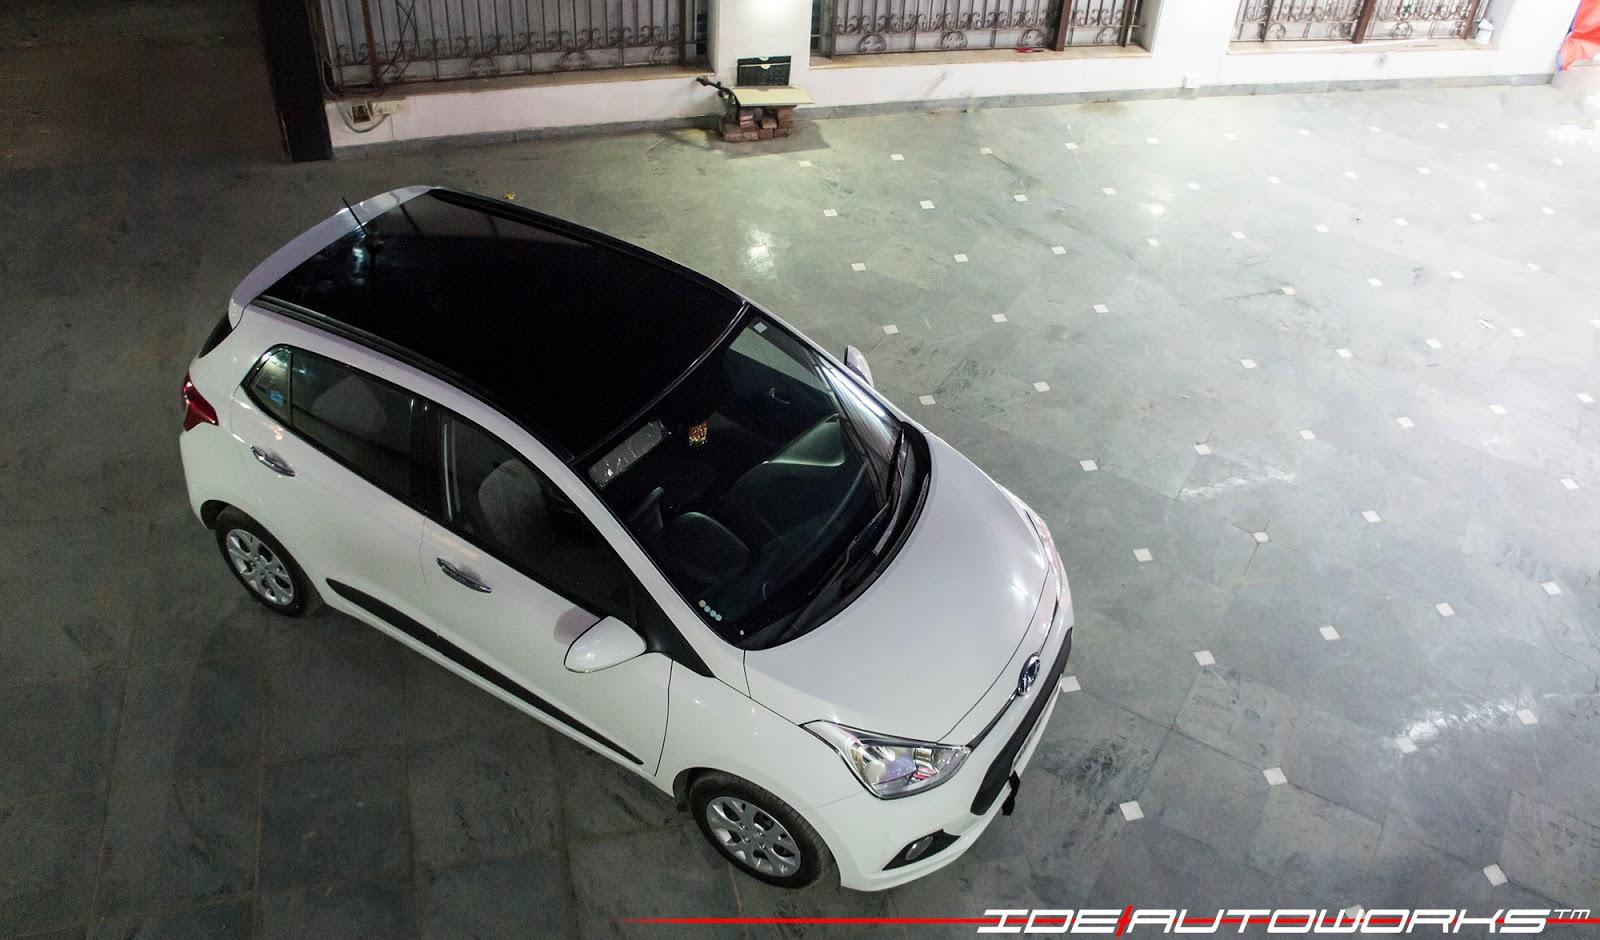 Hyundai I 10 Grand Roof Wrap Ide Autoworks